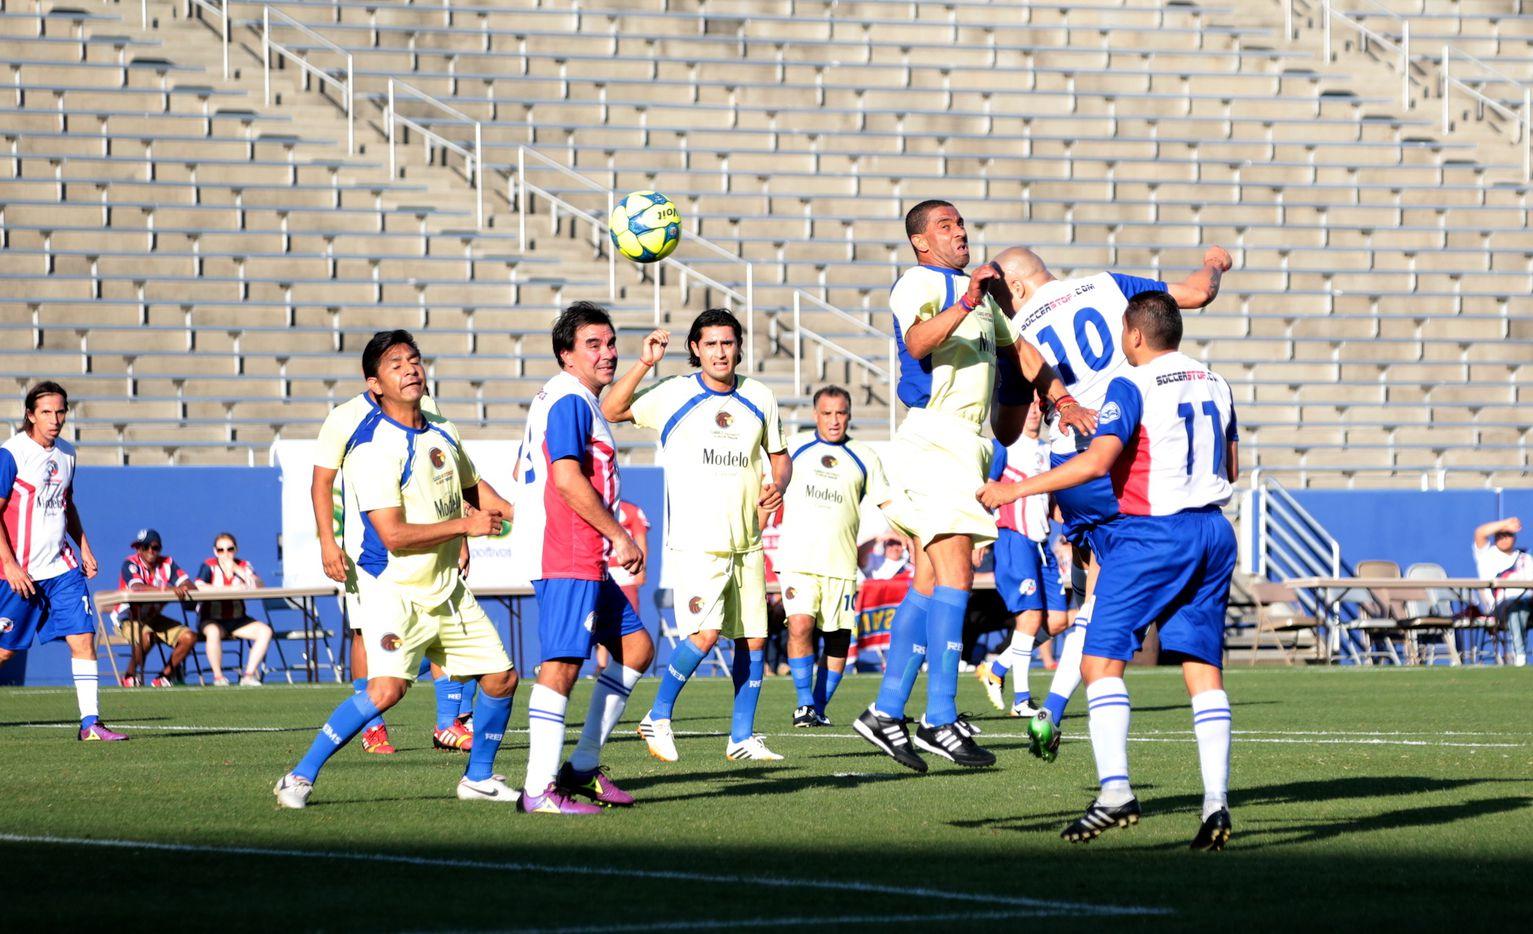 Luis Hernández anotó el gol del triunfo del América sobre Chivas en el Clásico de Leyendas en el Cotton -Bowl de Dallas. Foto MARÍA OLIVAS/ESPECIAL PARA AL DÍA